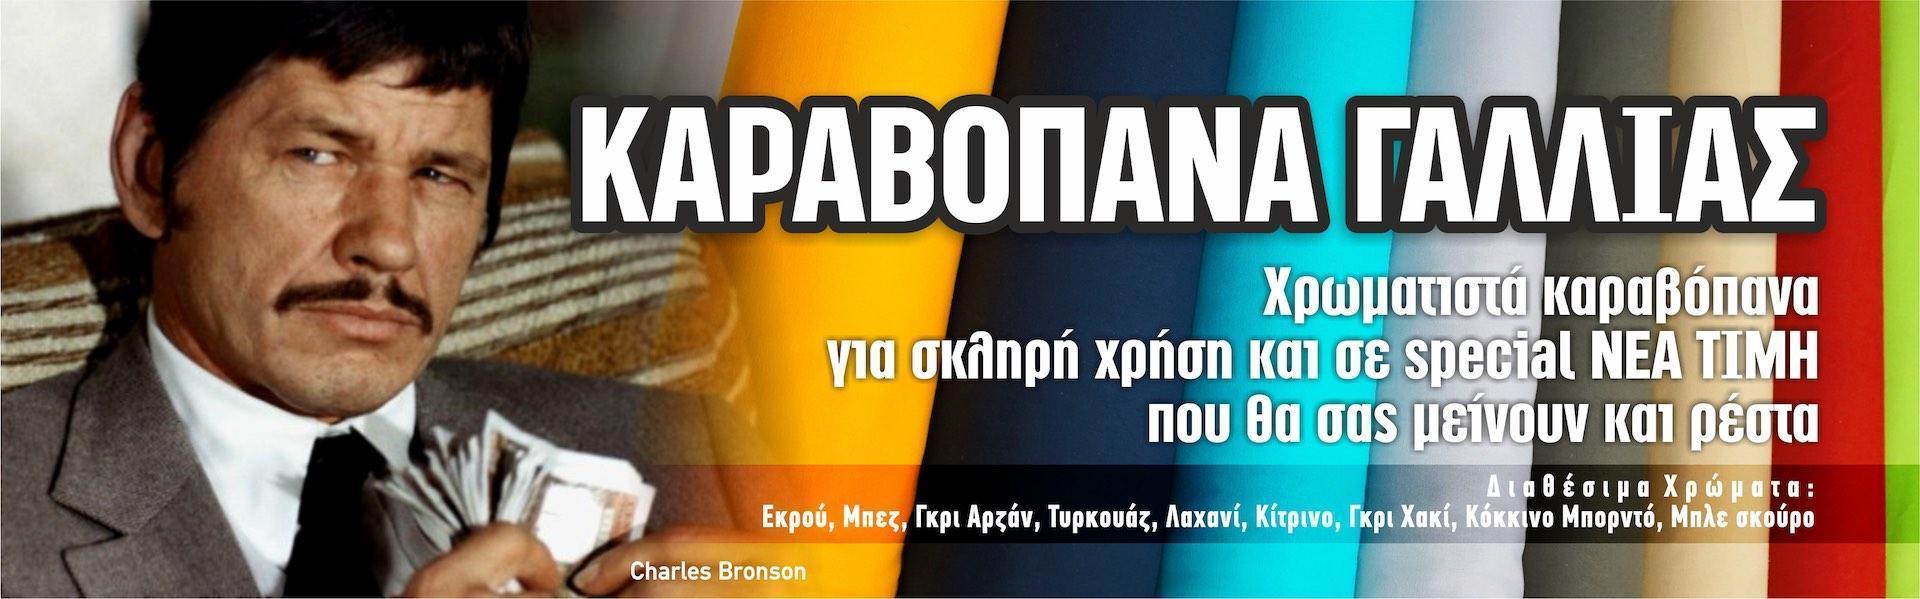 ΚΑΡΑΒΟΠΑΝΟ ΓΑΛΛΙΑΣ